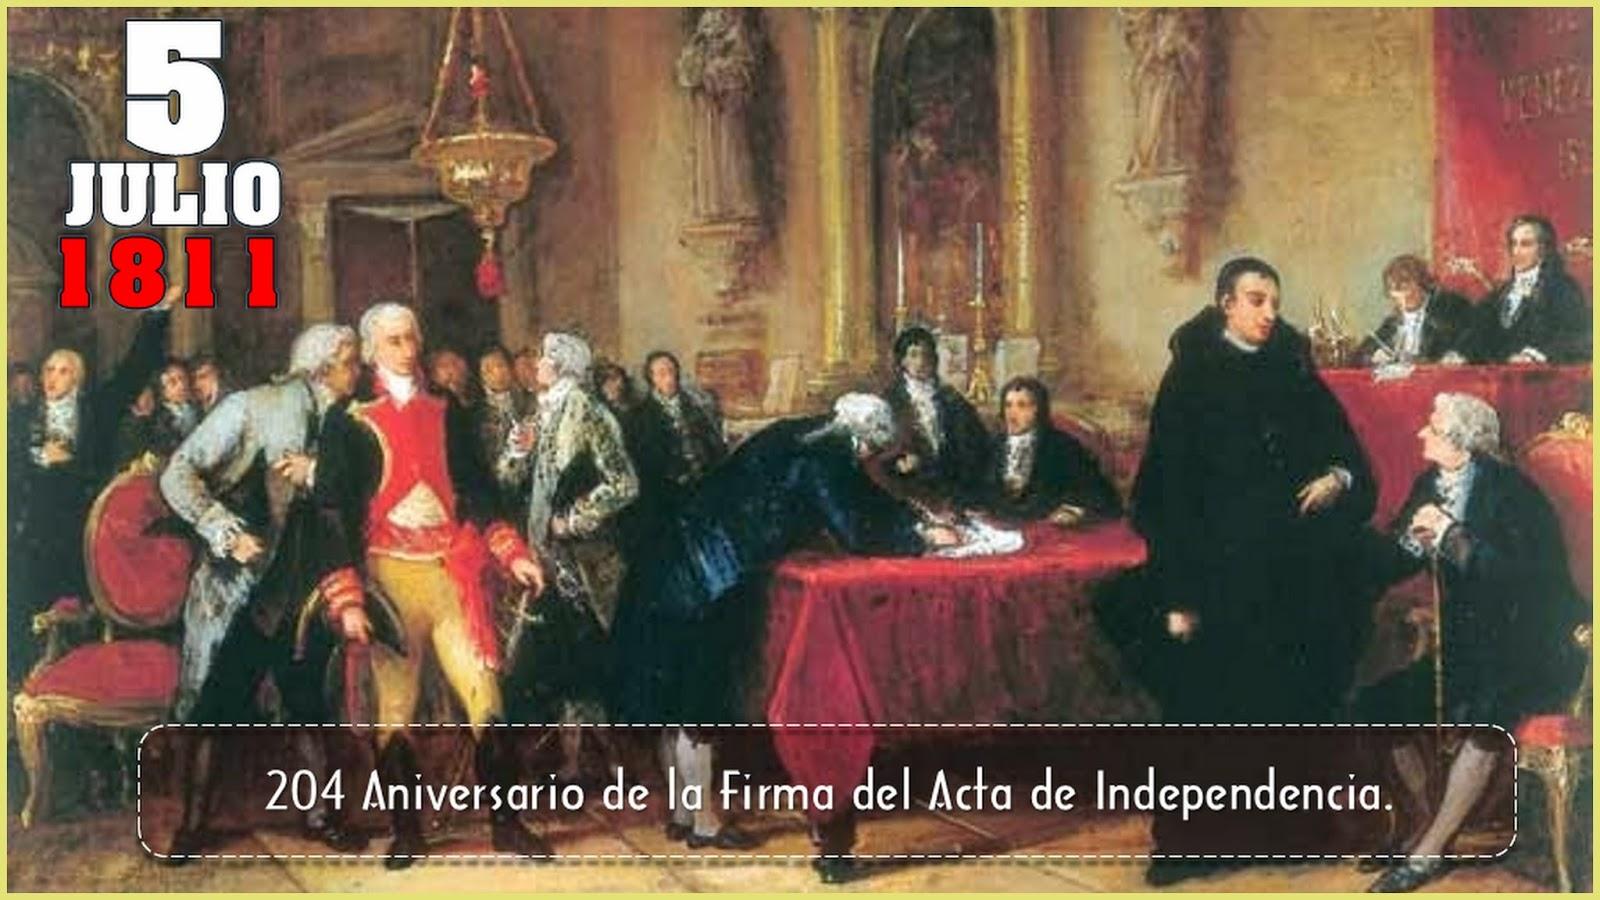 Tus Efemérides Escolares: 5 de Julio de 1811 Firma del Acta de ...